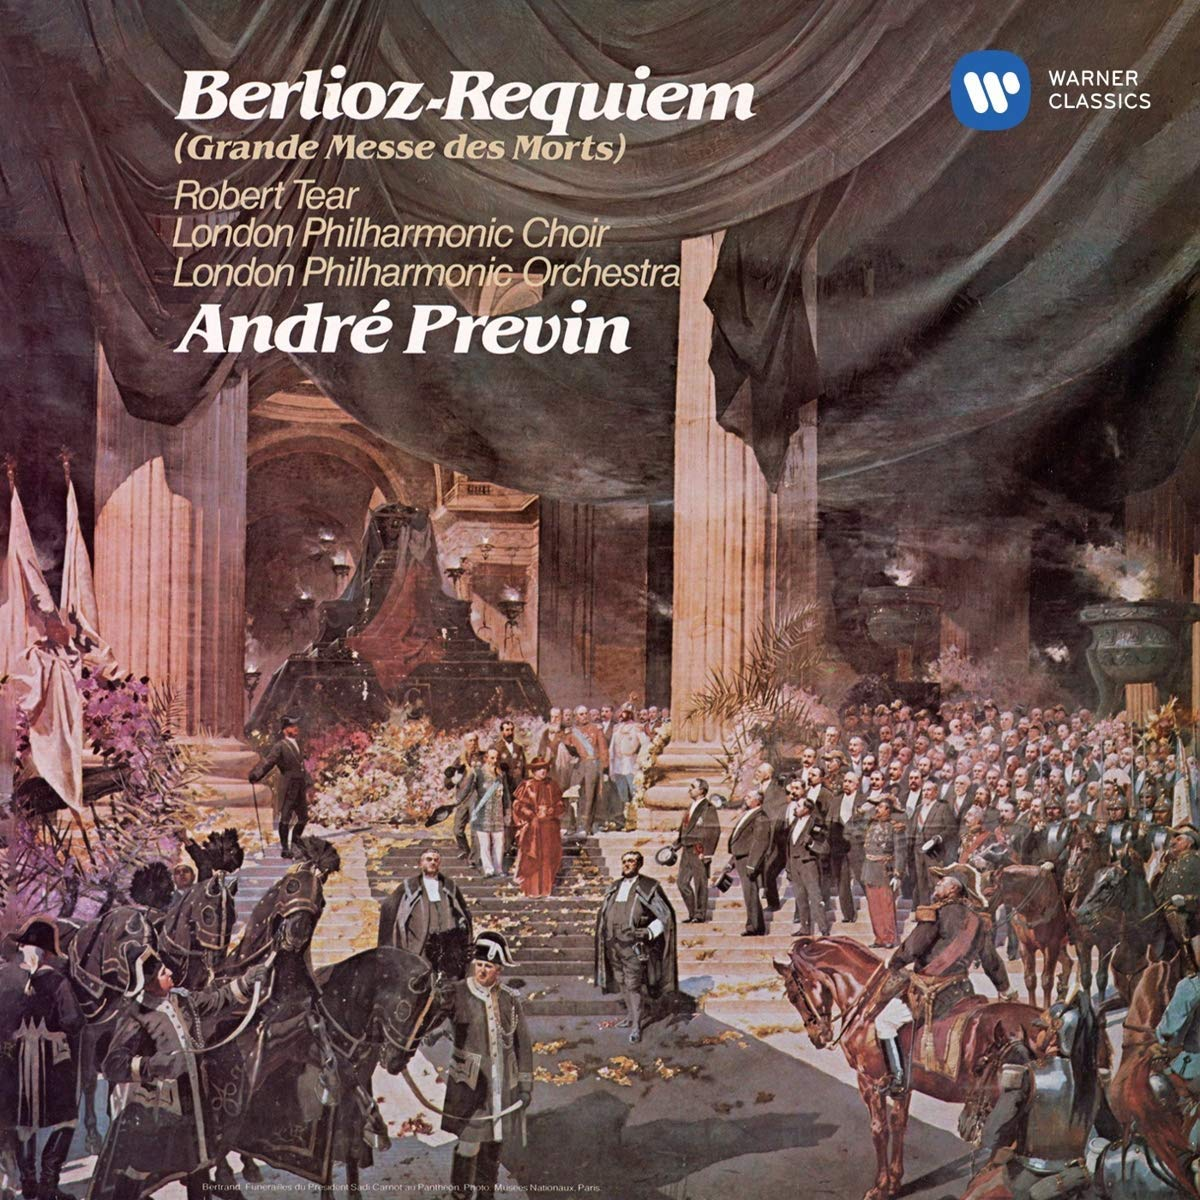 Berlioz - Requiem